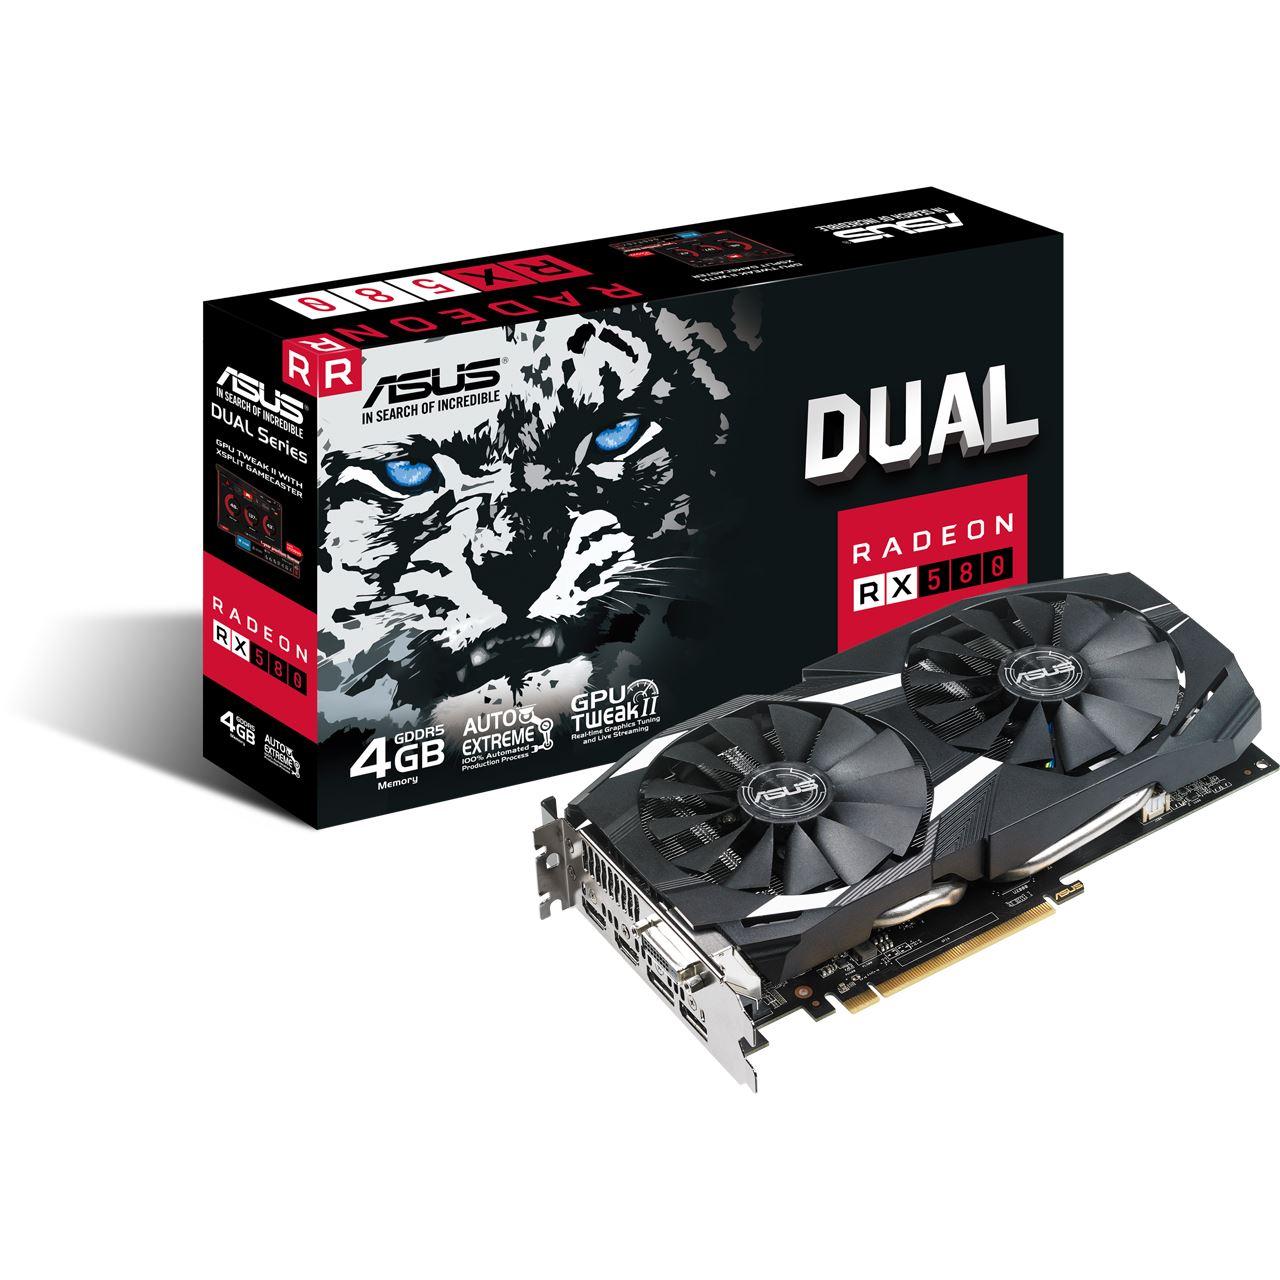 4GB ASUS Radeon RX580 Dual DVI, HDMI, DP, Aktiv (Retail)  Artikelnummer 8839029 bei Mindfactory